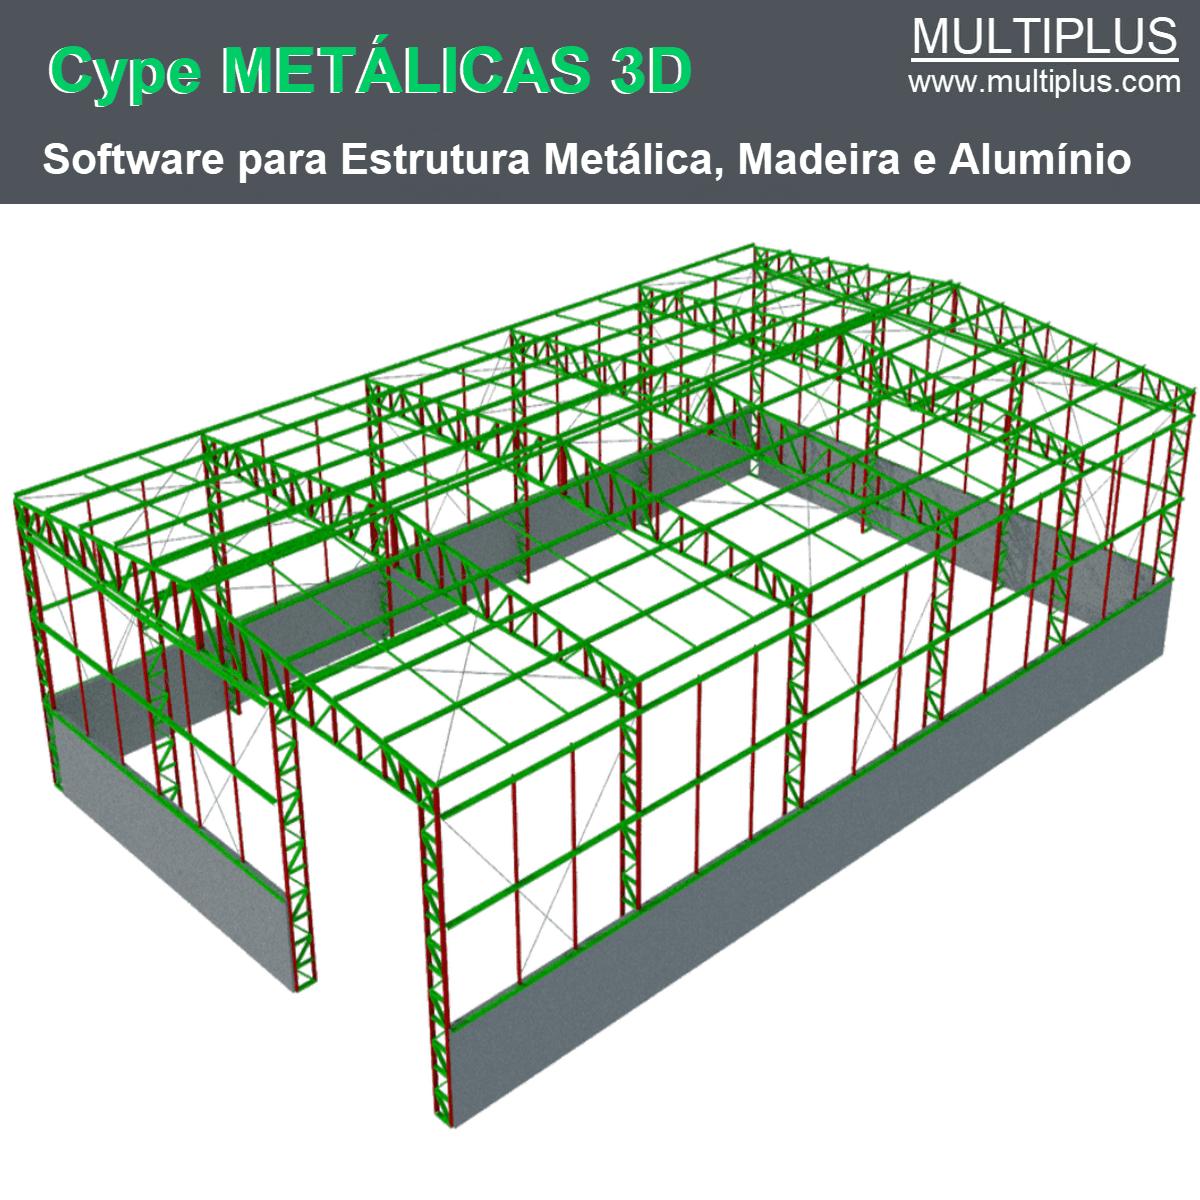 """Software Metálicas 3D MT36 versão 2021 (Licença Eletrônica) incluindo a modulação descrita em """"Itens Inclusos"""" a seguir  - MULTIPLUS SOFTWARES"""